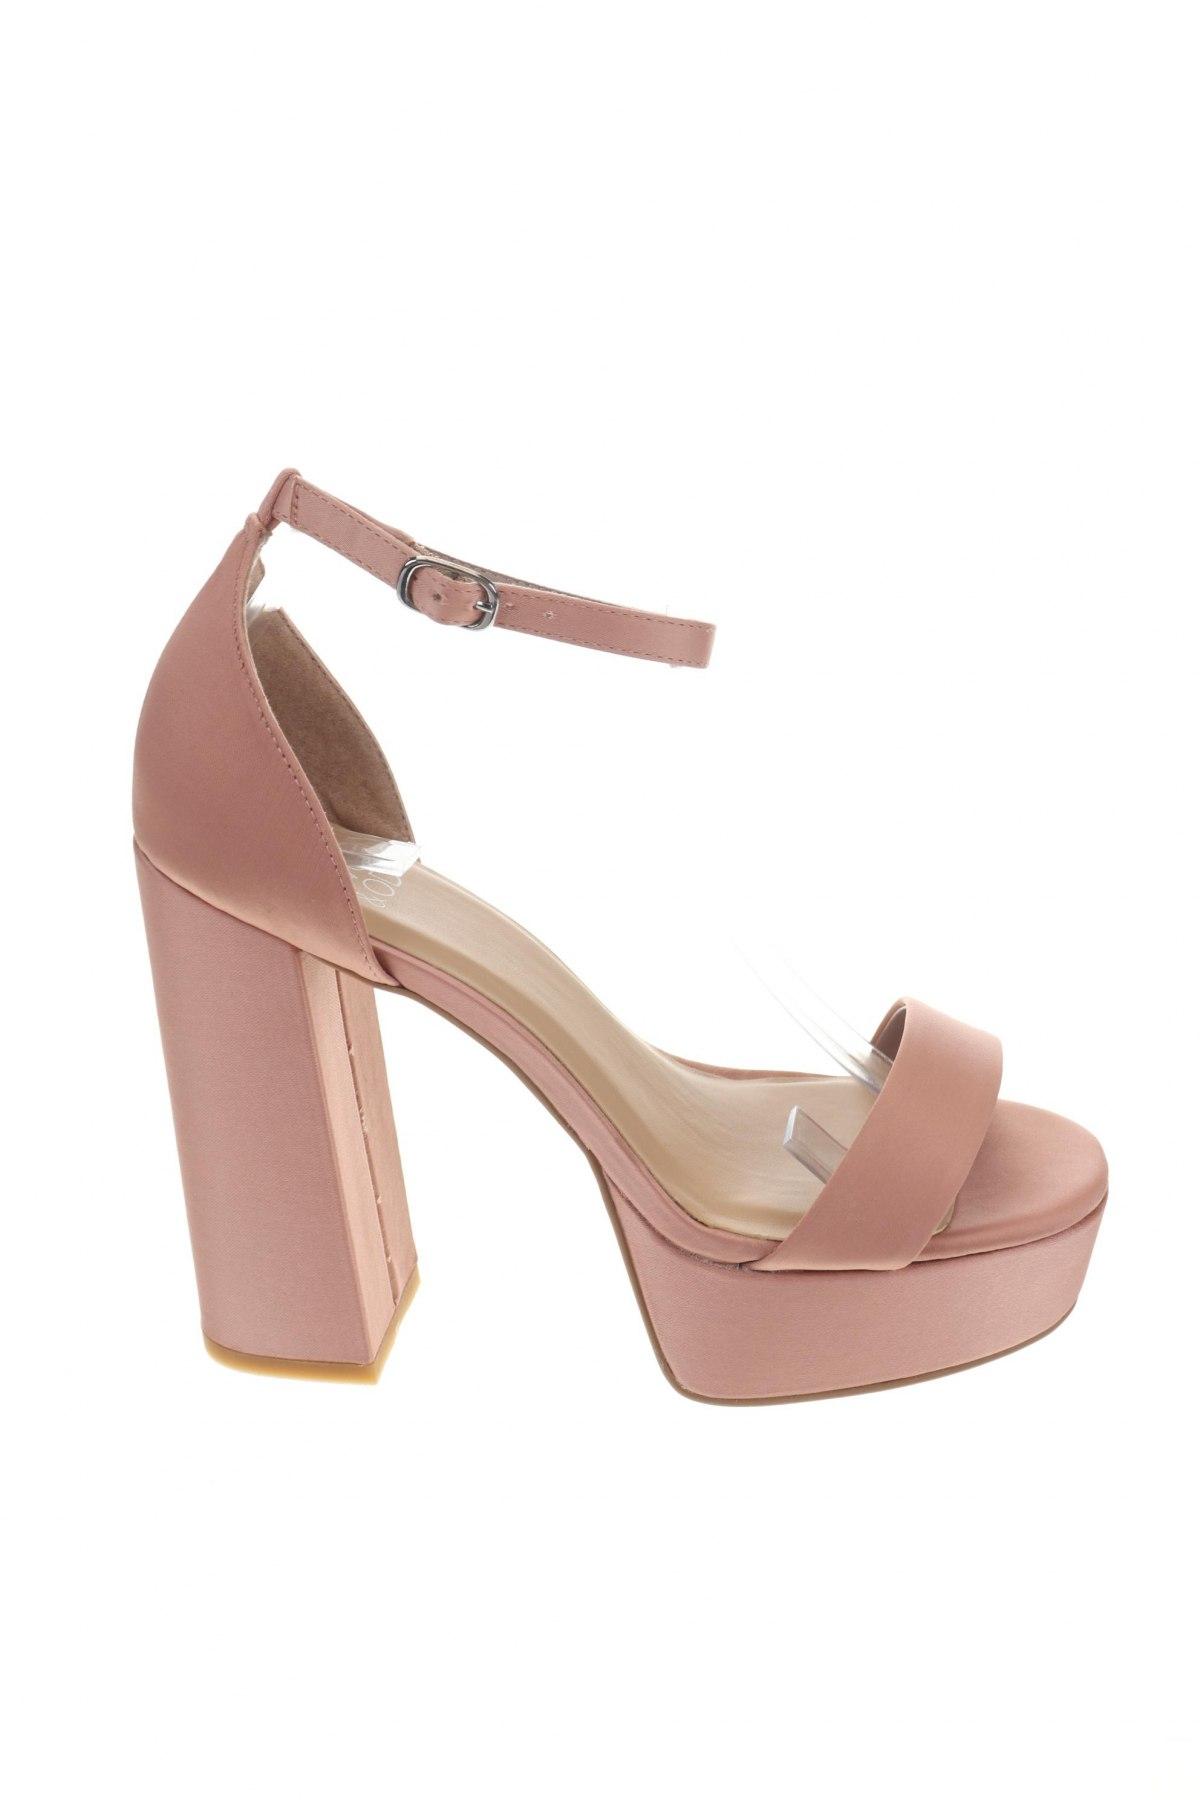 Σανδάλια Even&Odd, Μέγεθος 39, Χρώμα Ρόζ , Κλωστοϋφαντουργικά προϊόντα, Τιμή 17,64€